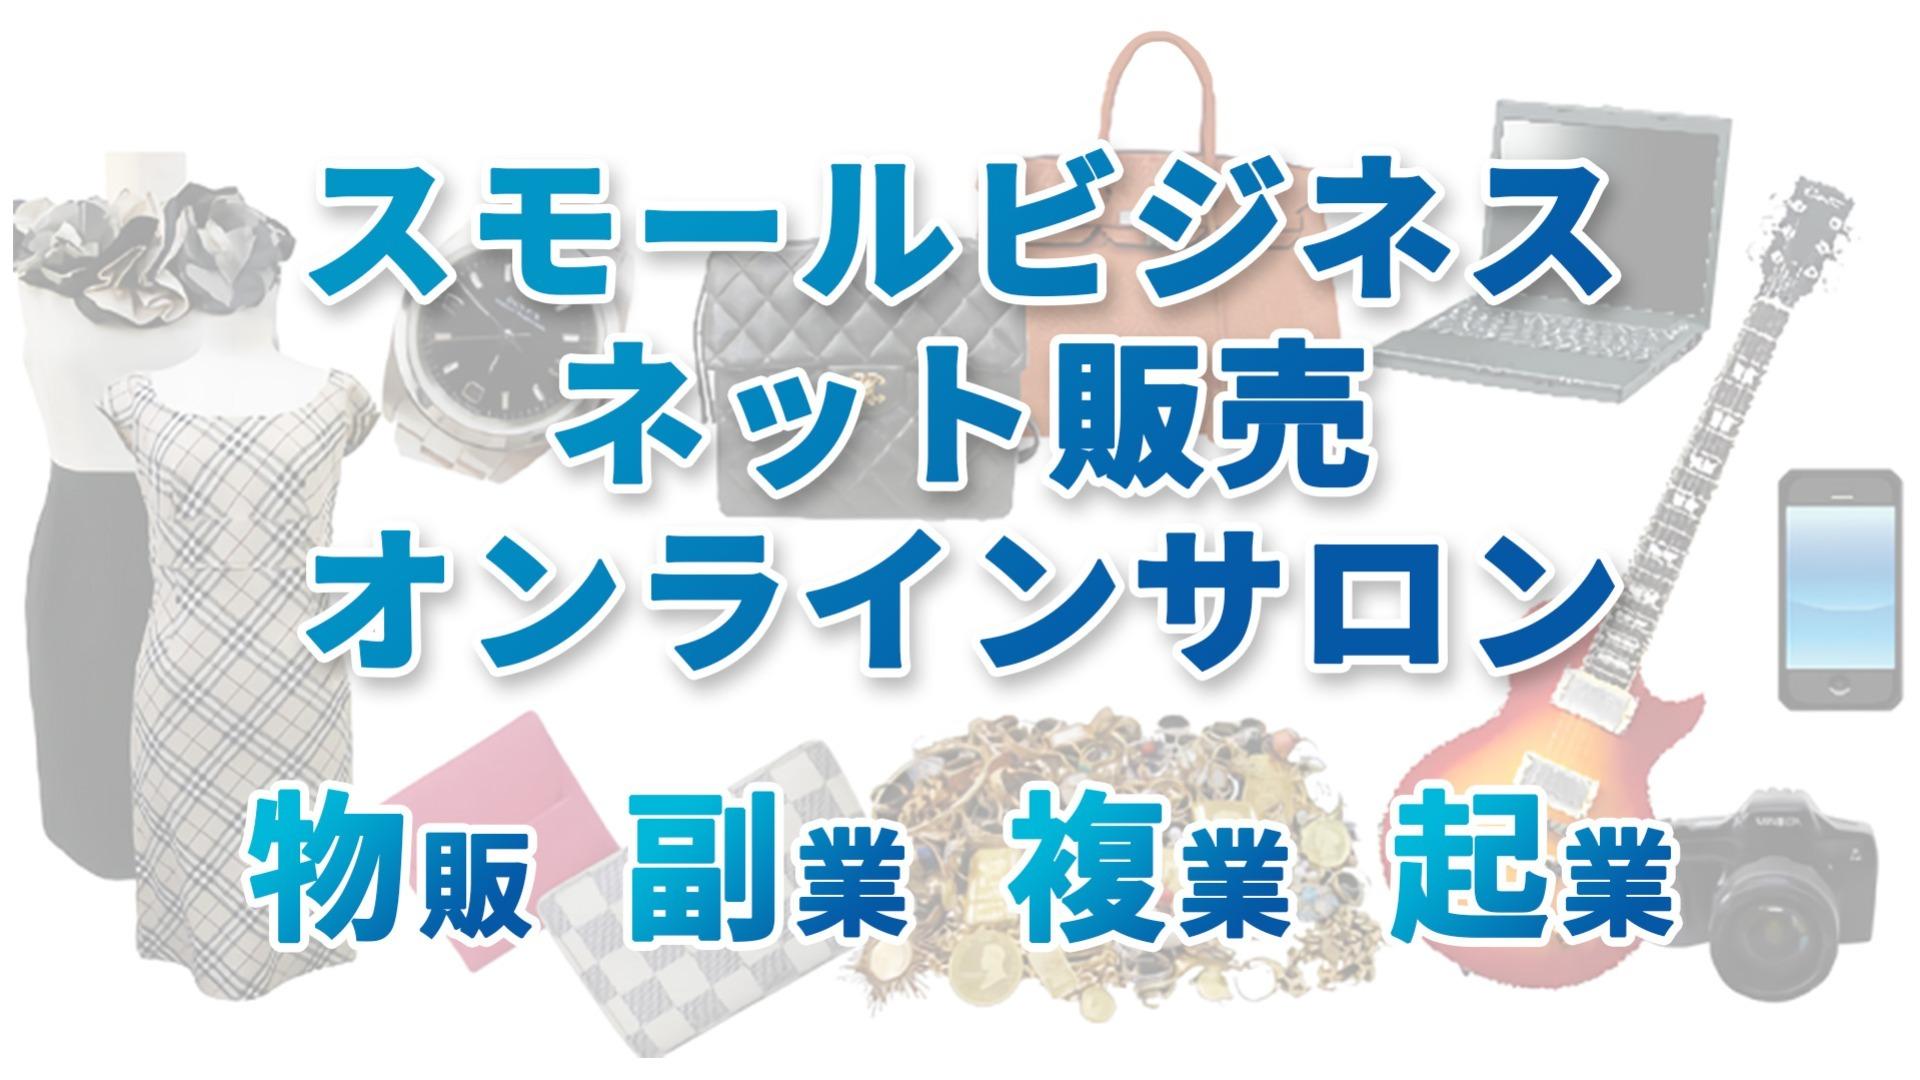 泉澤義明 - スモールビジネス・ネット販売オンラインサロン - DMM オンラインサロン